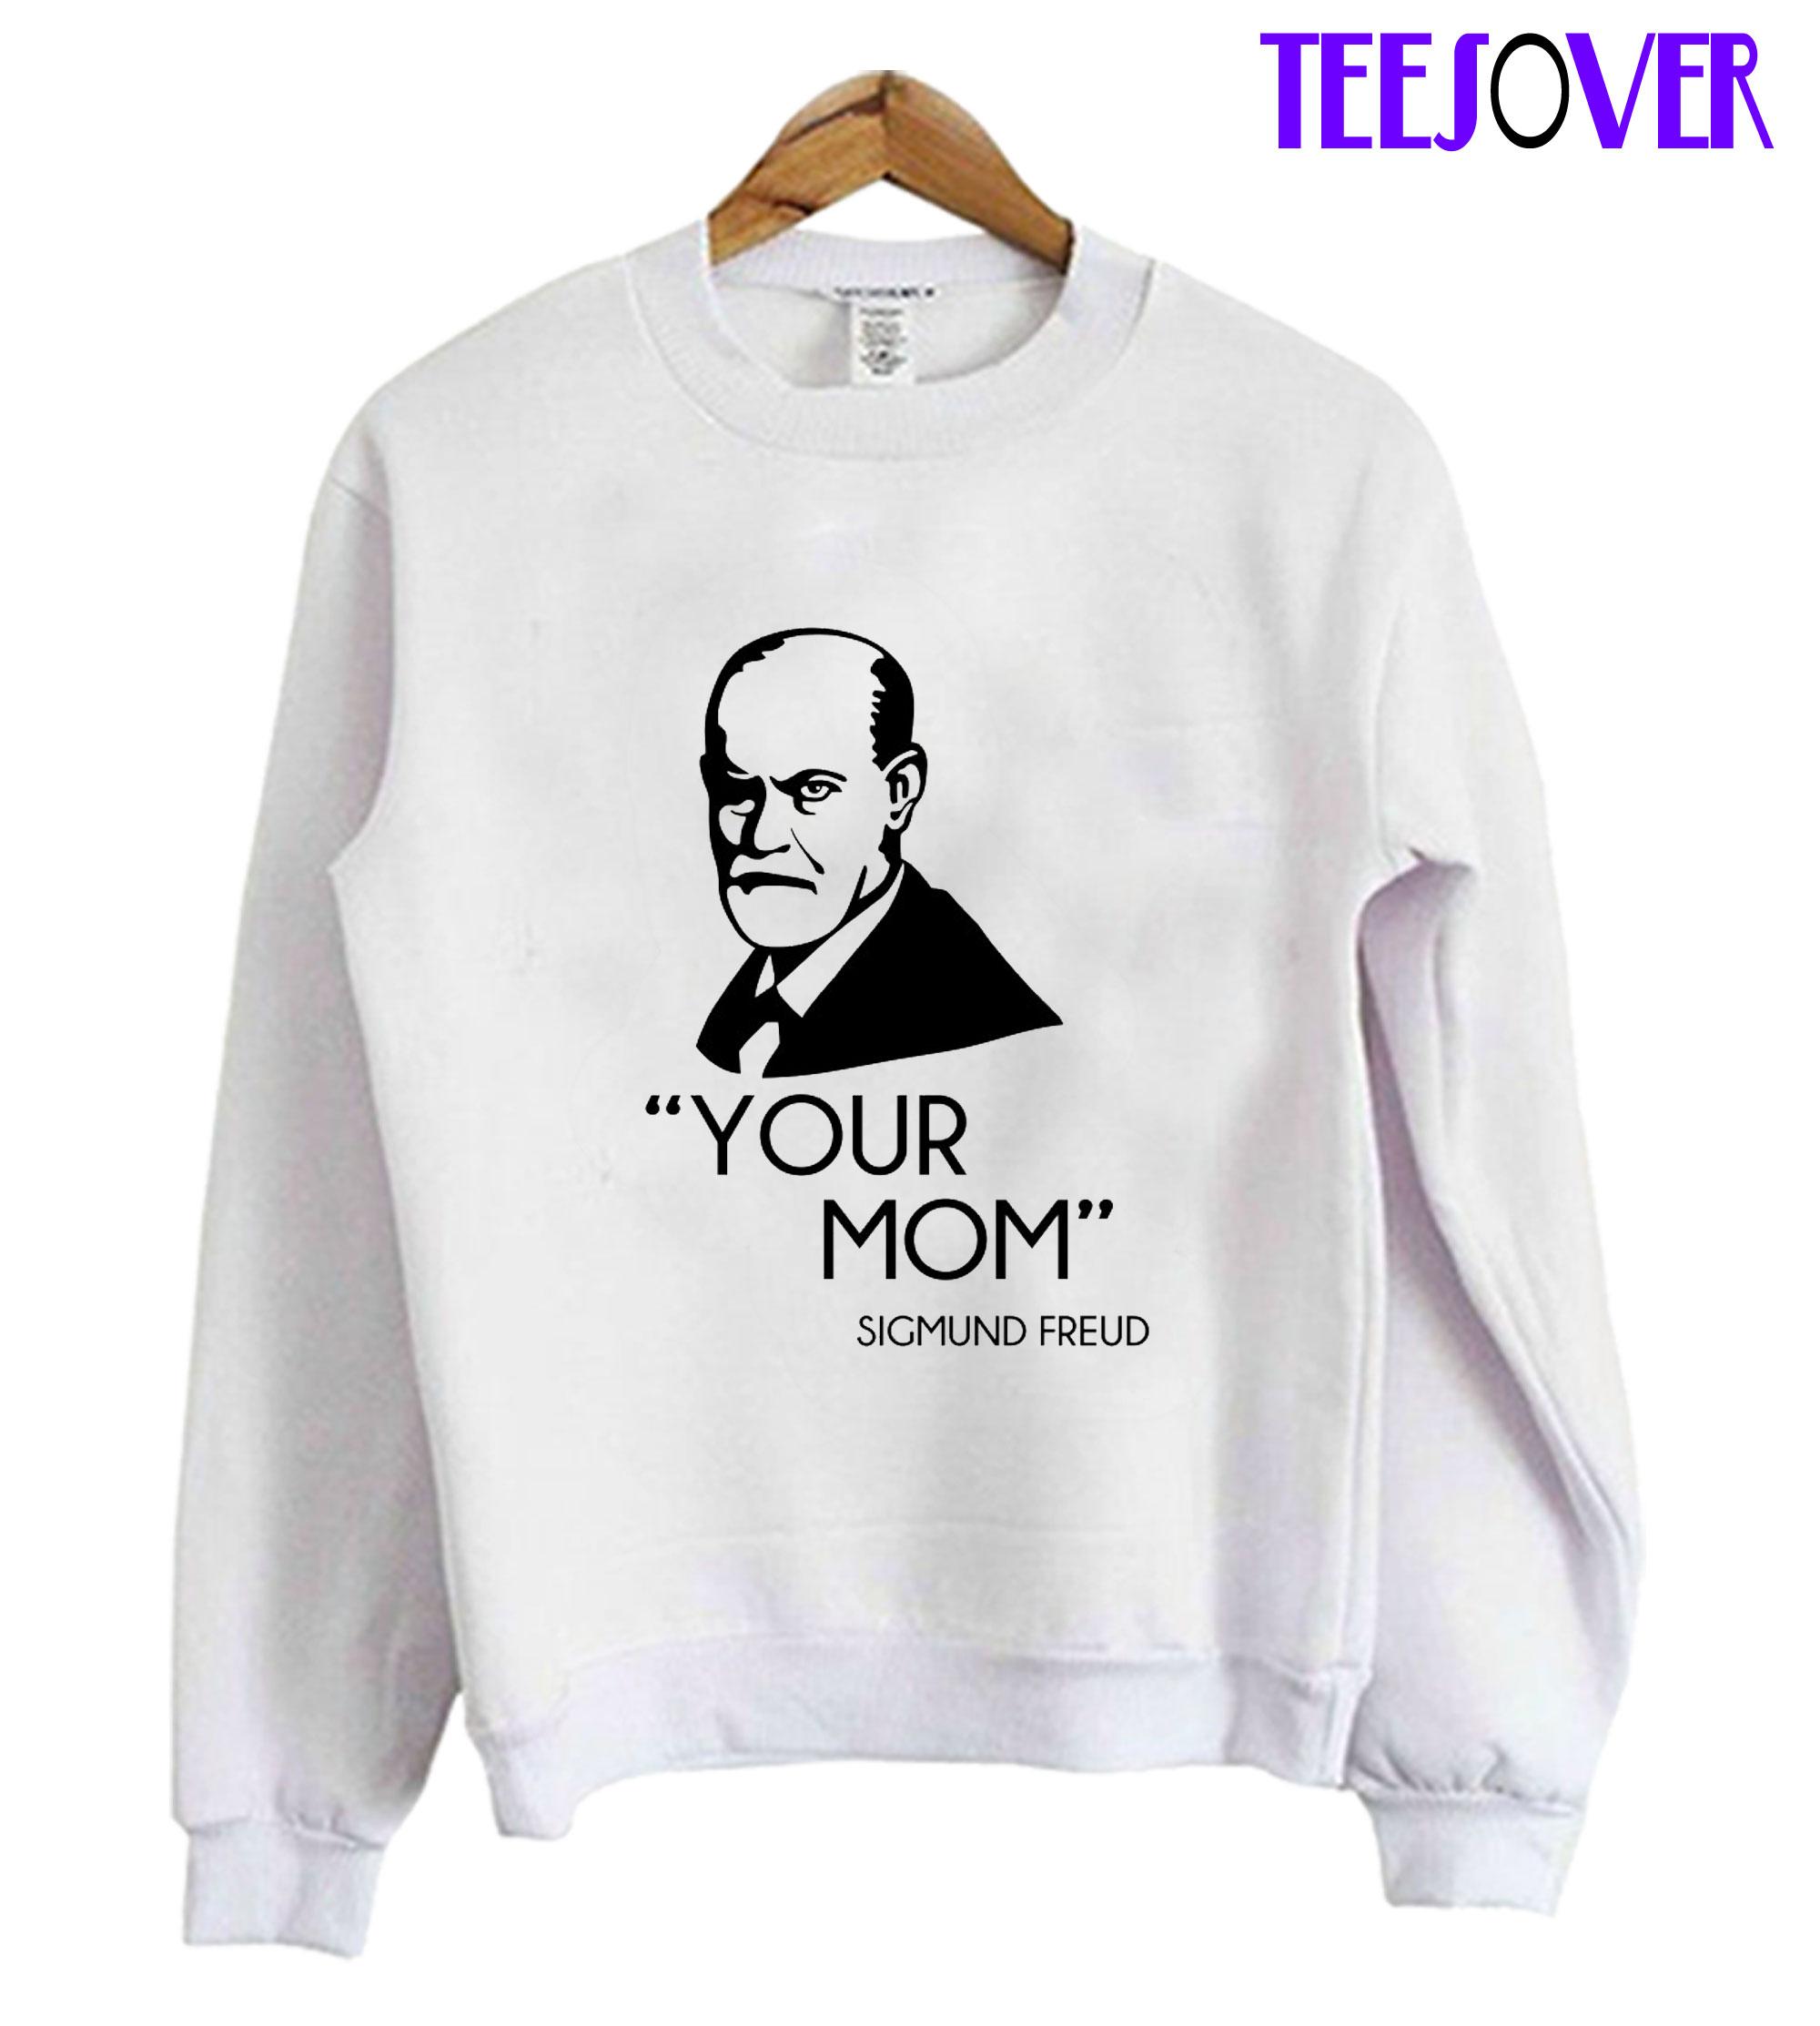 Your Mom Sigmund Freud Sweatshirt